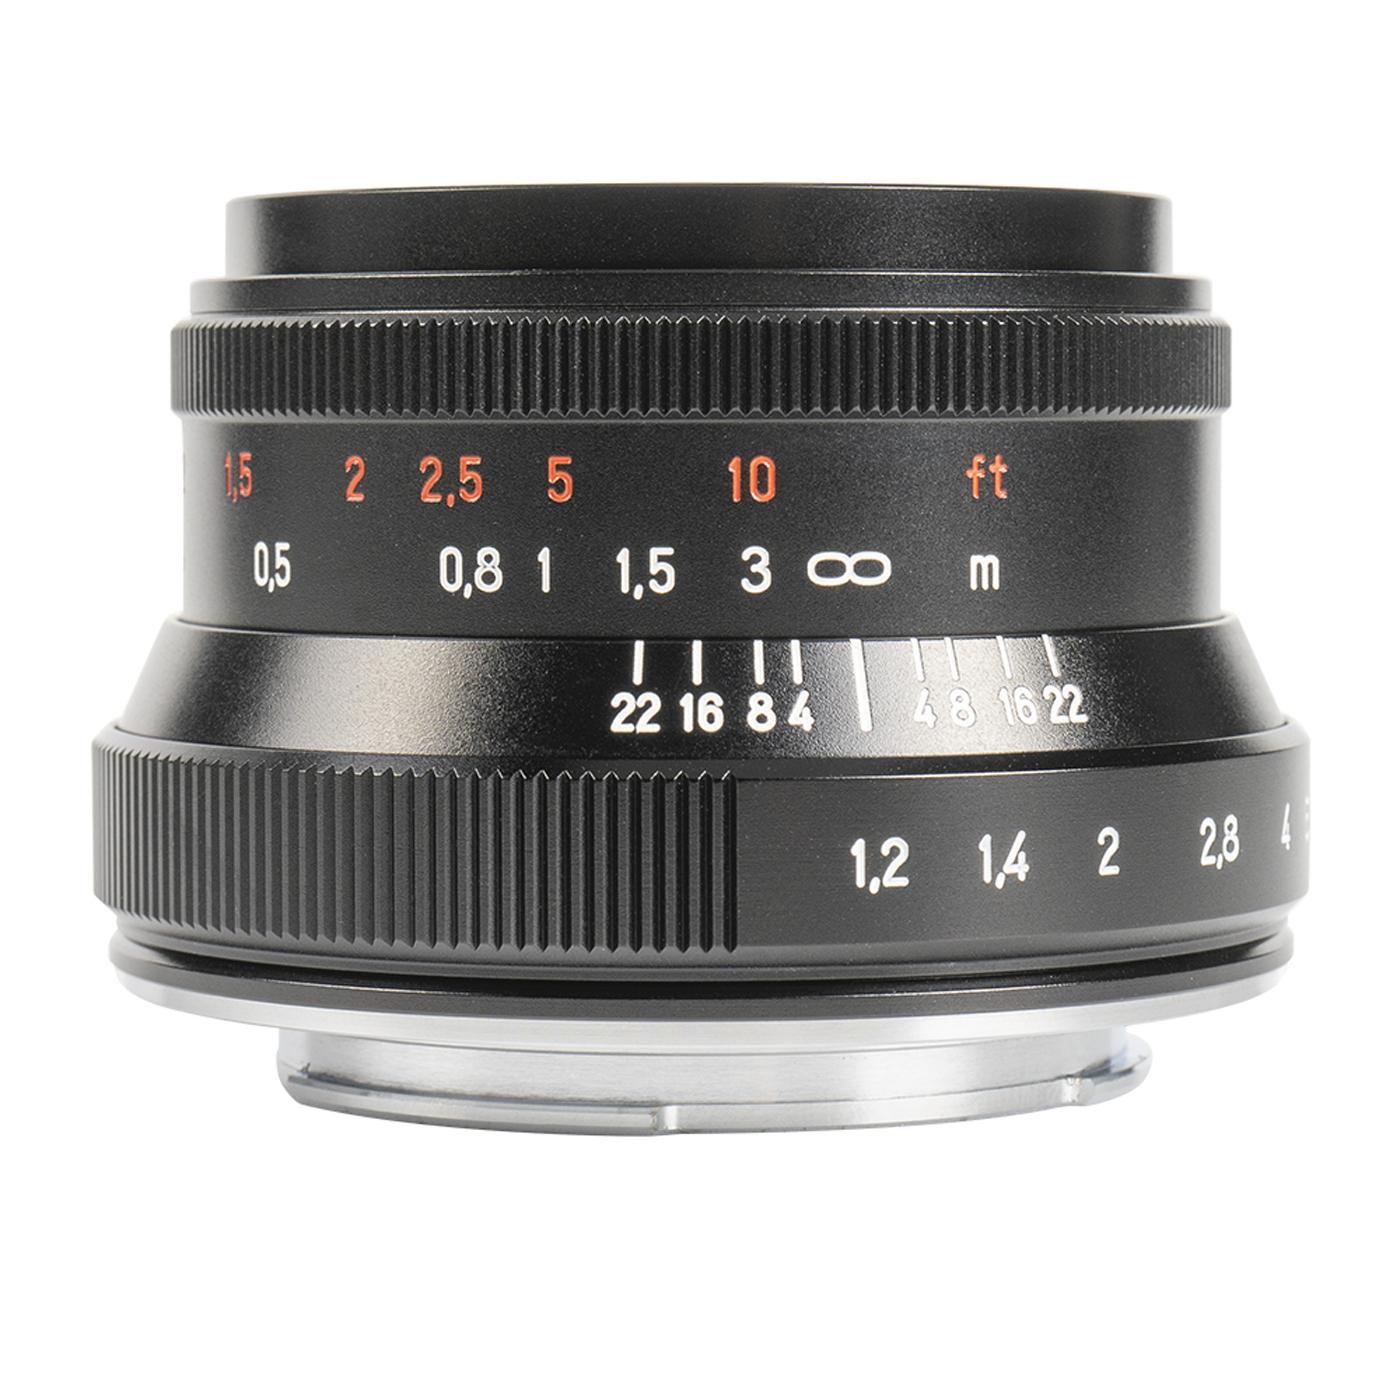 7Artisans 35 mm 1:1,2 II für Sony E